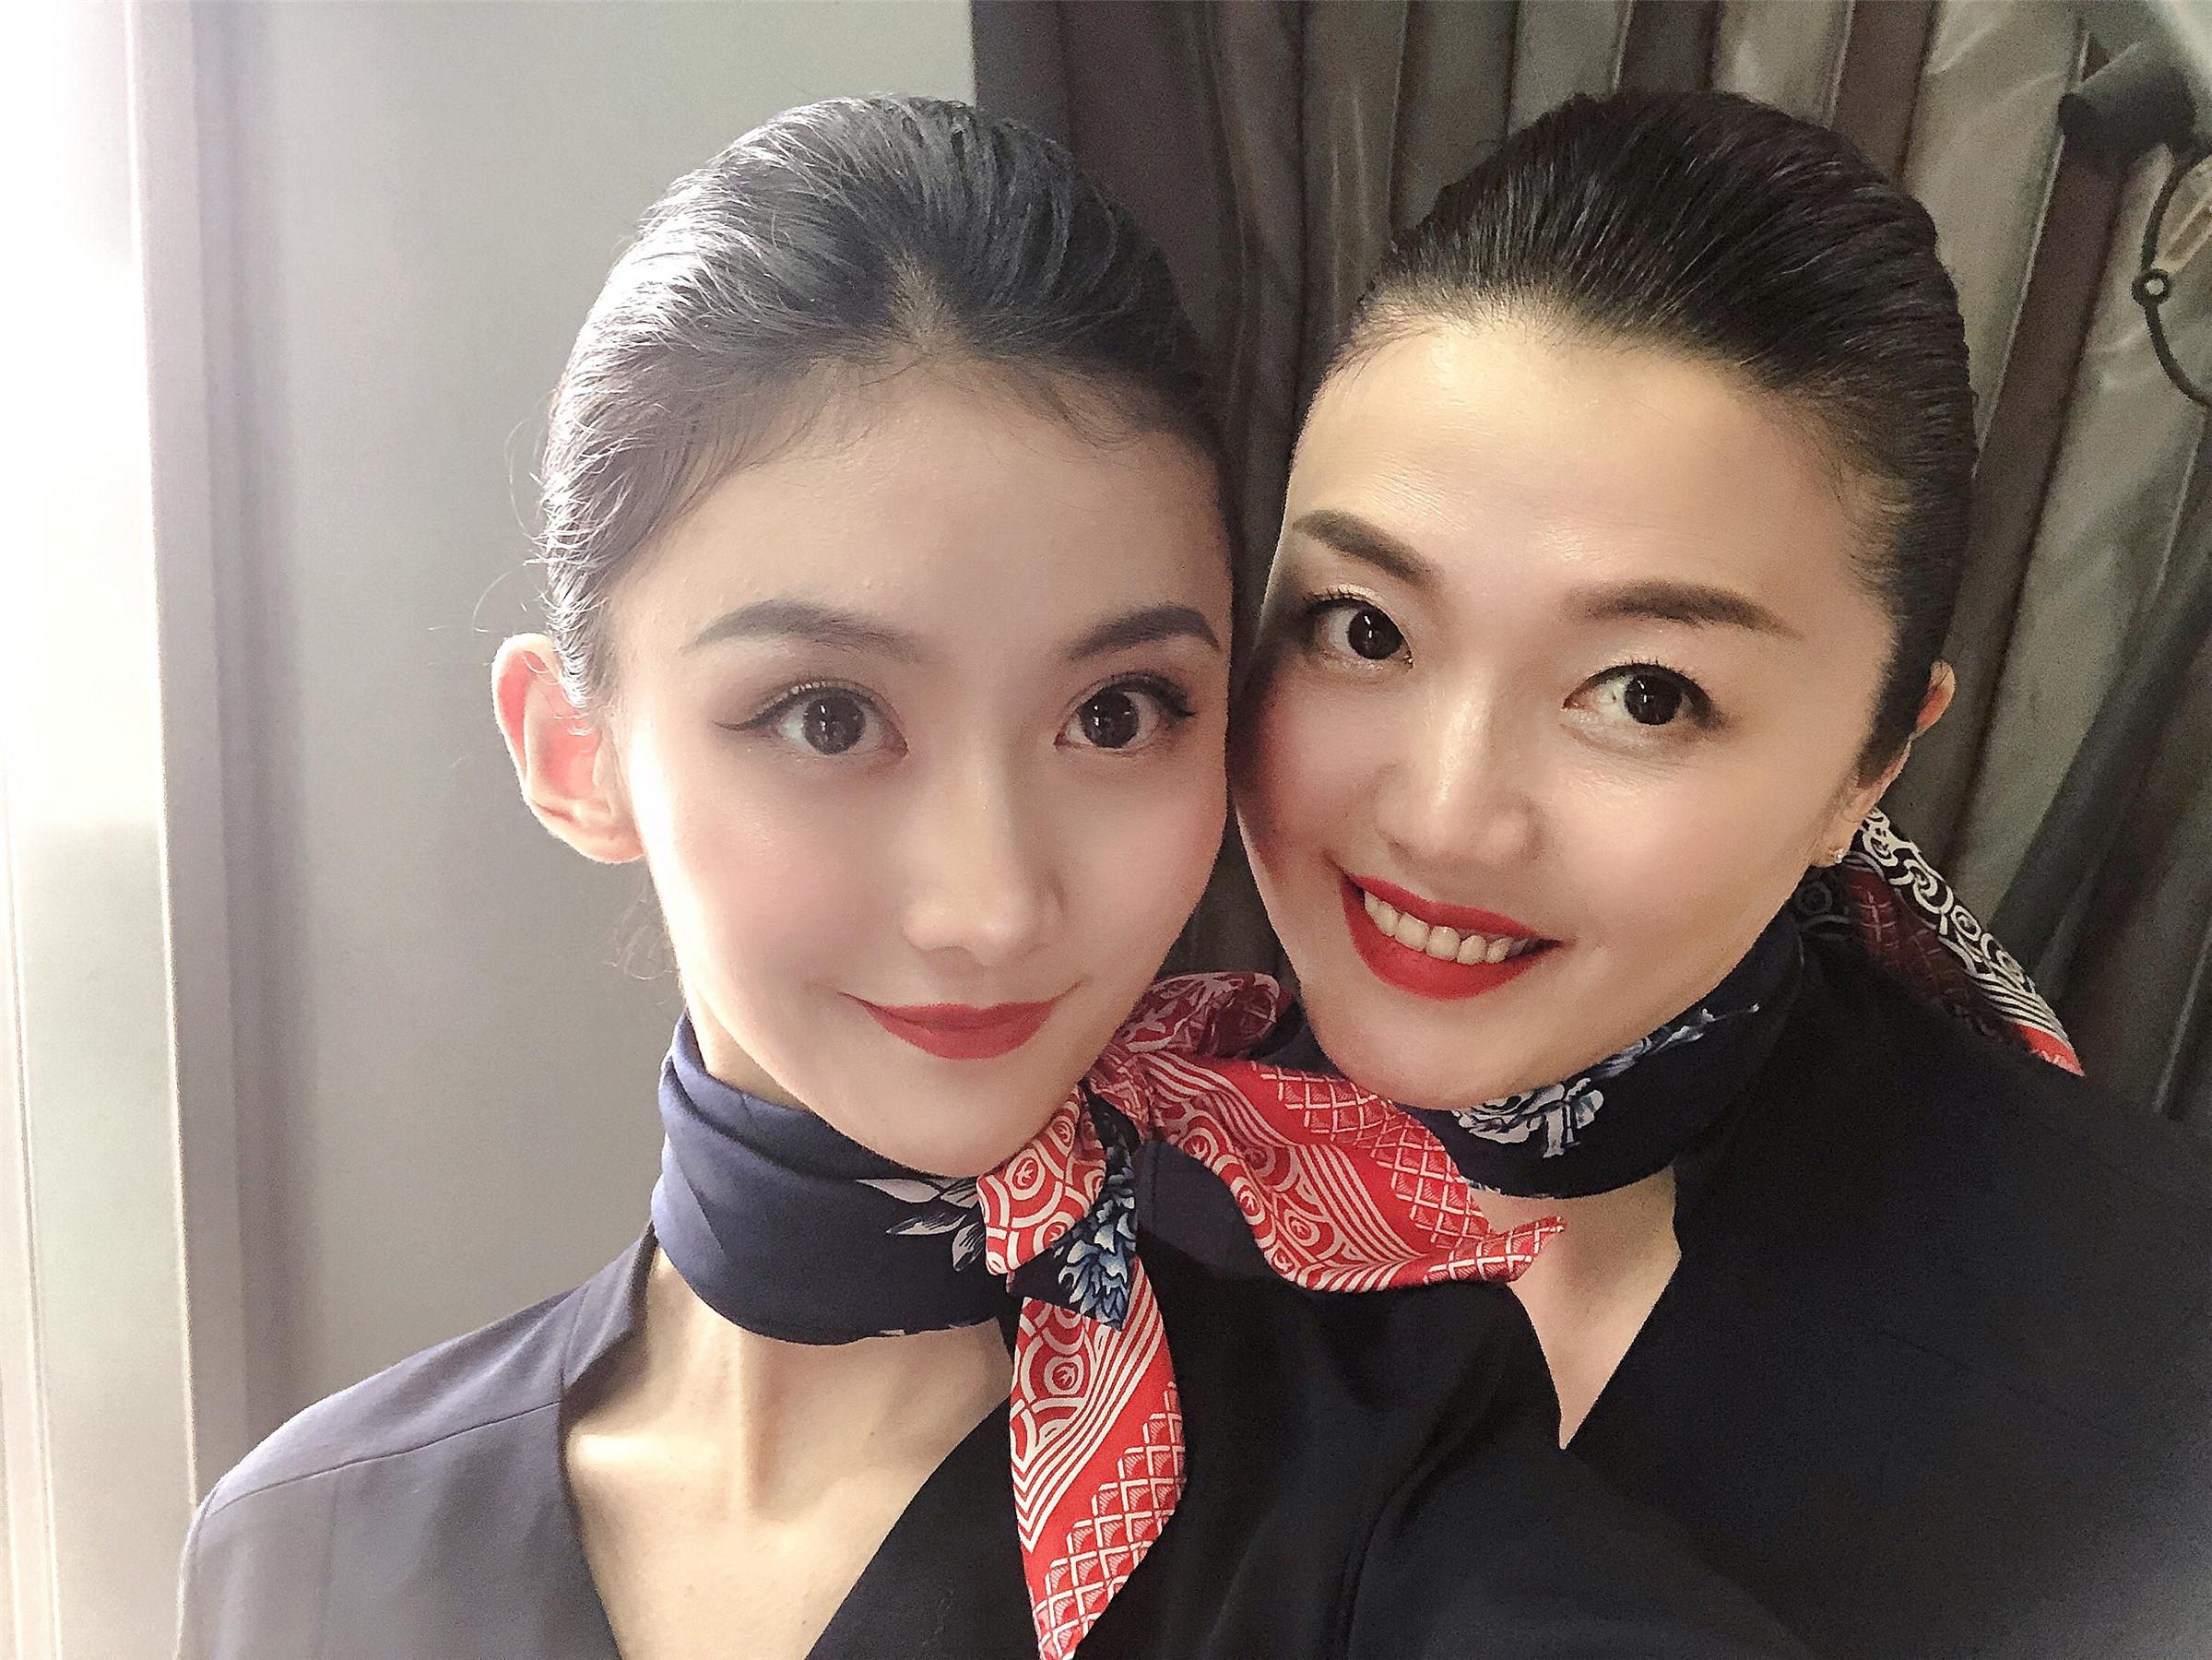 刘霖萱和母亲赵甍